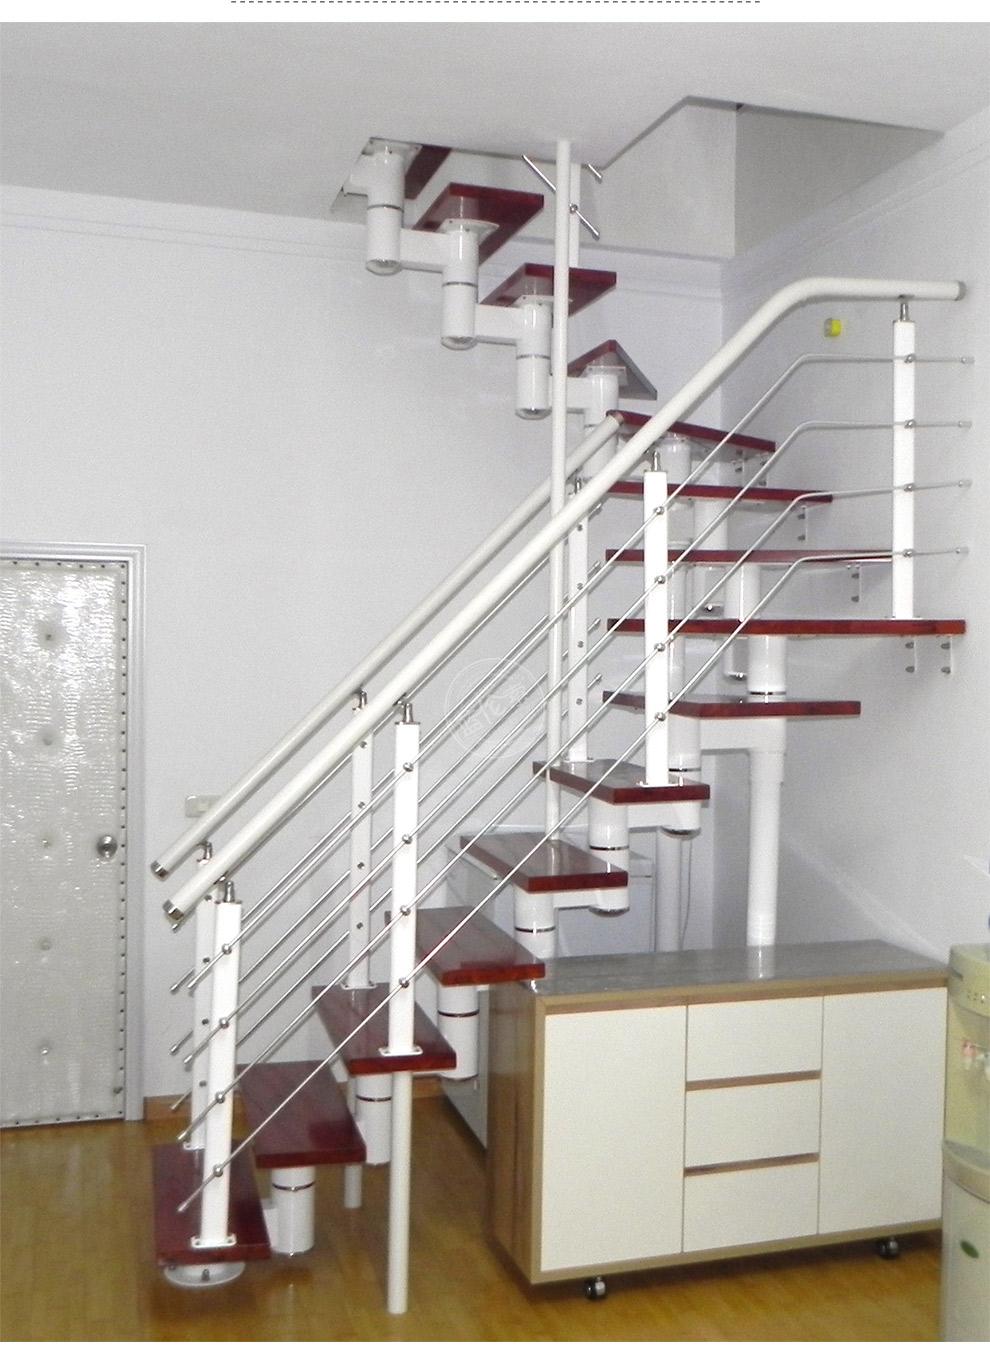 钢木楼梯/室内楼梯/旋转楼梯/阁楼楼梯/整体楼梯 每踏